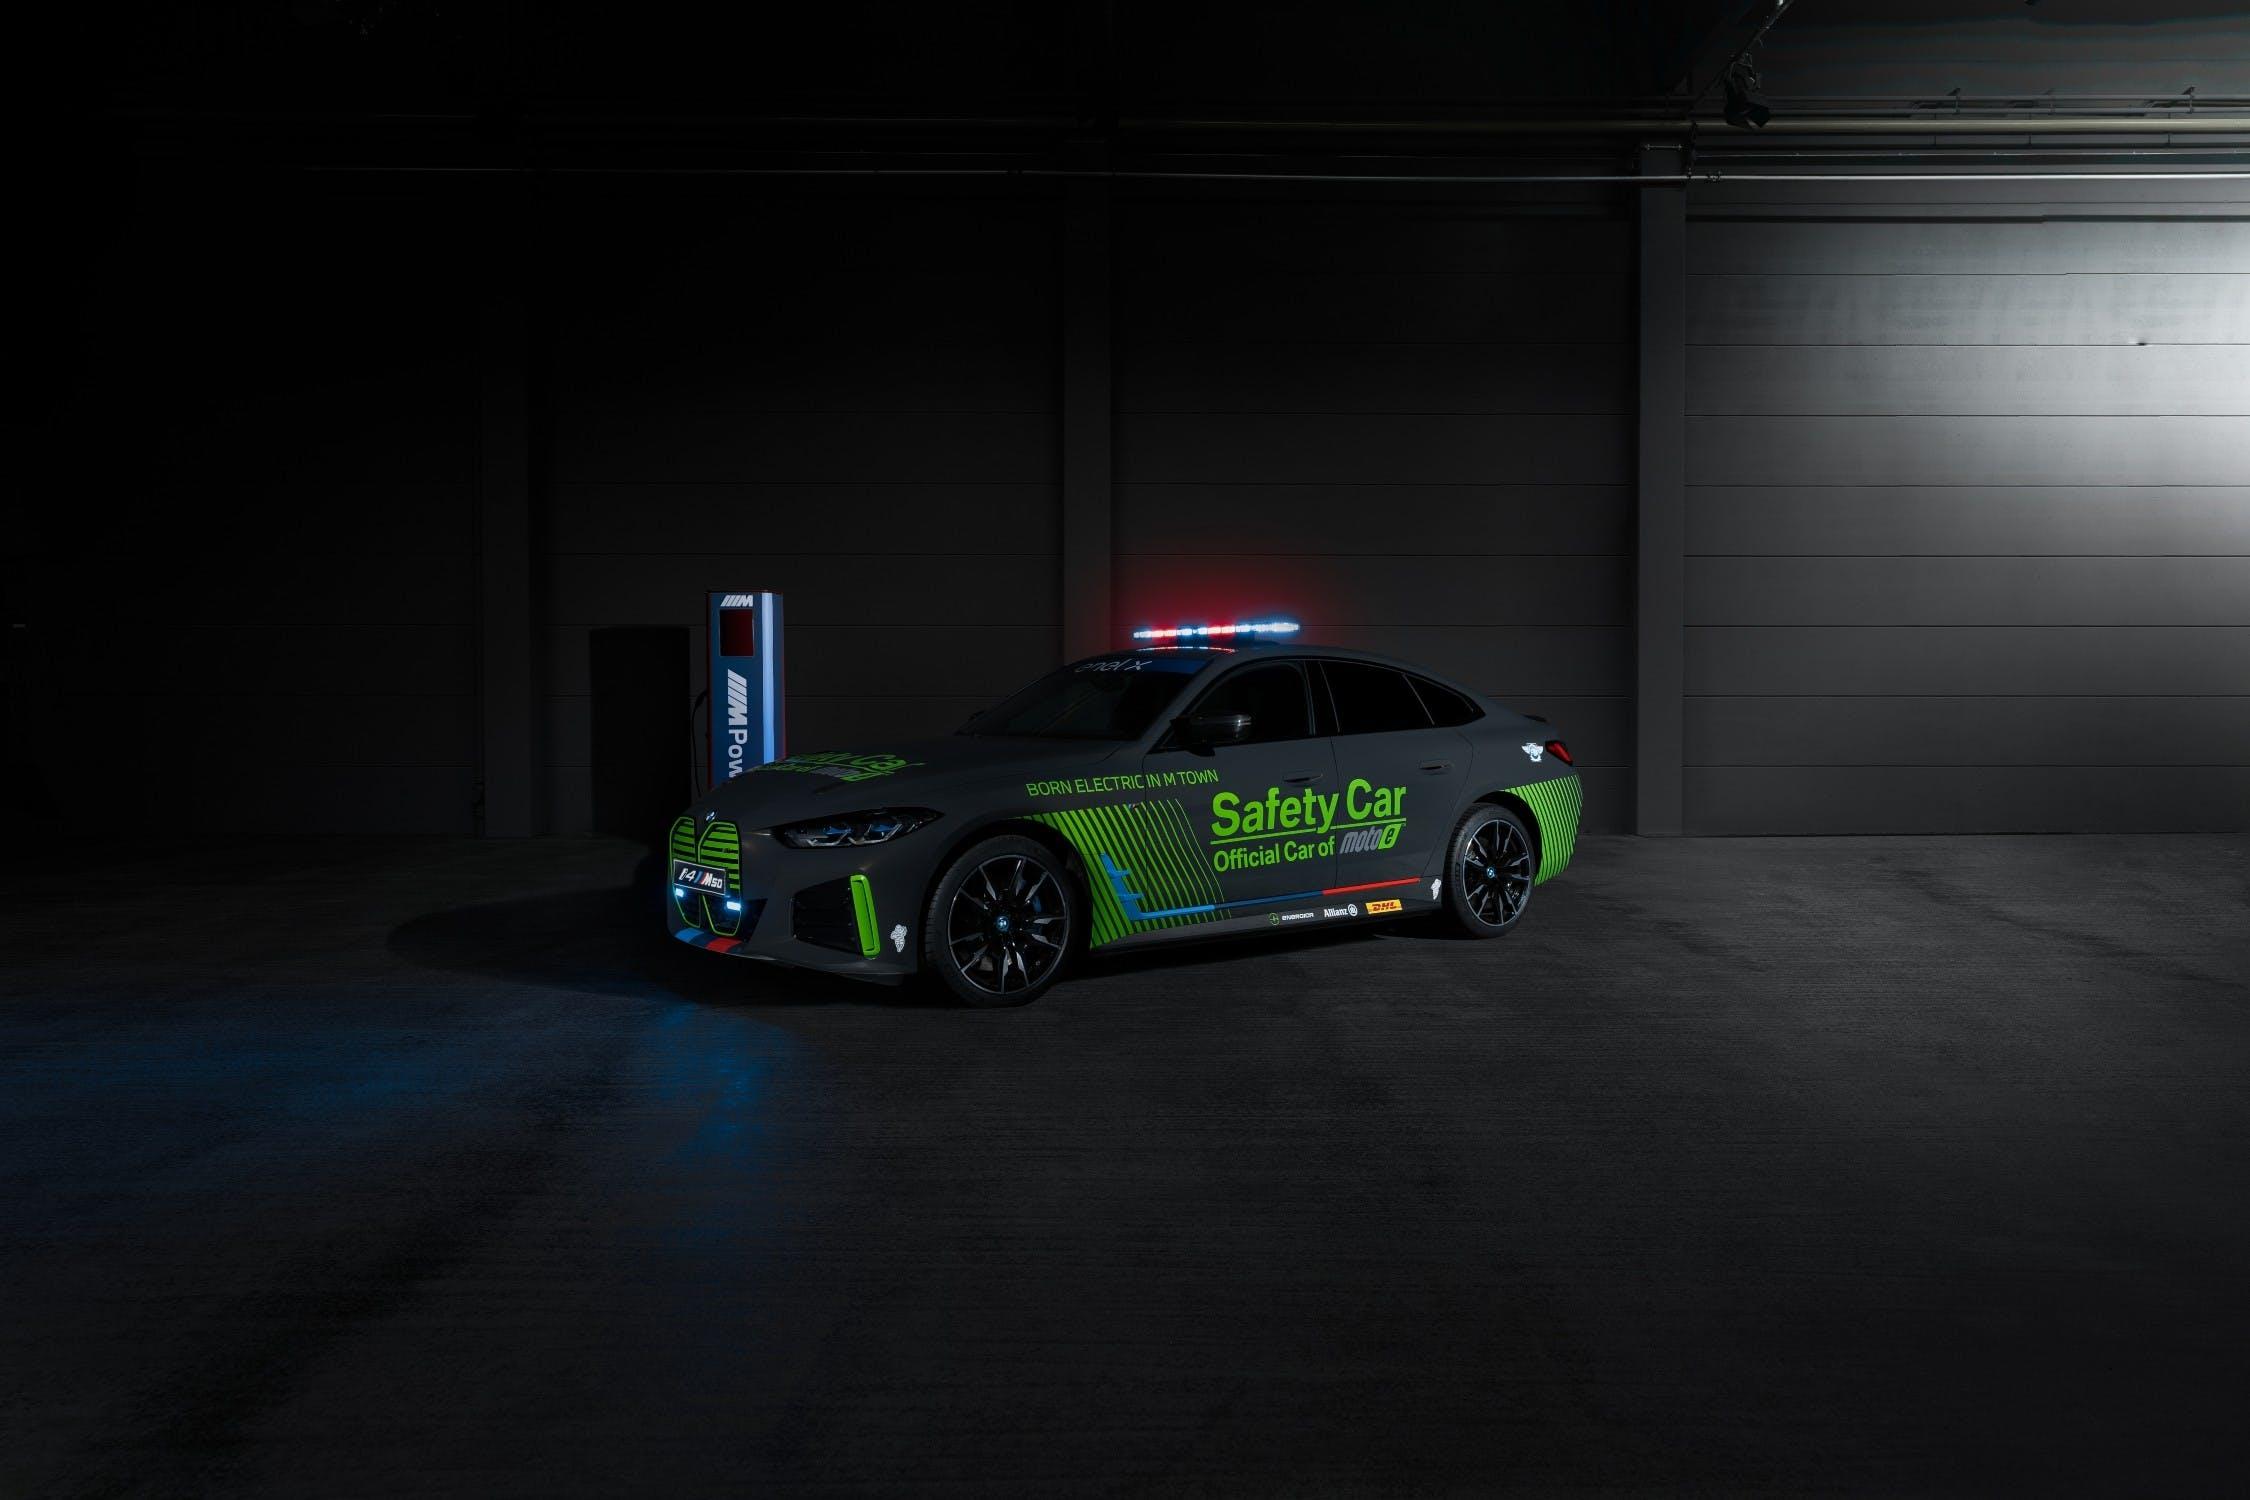 BMW Safety car electric